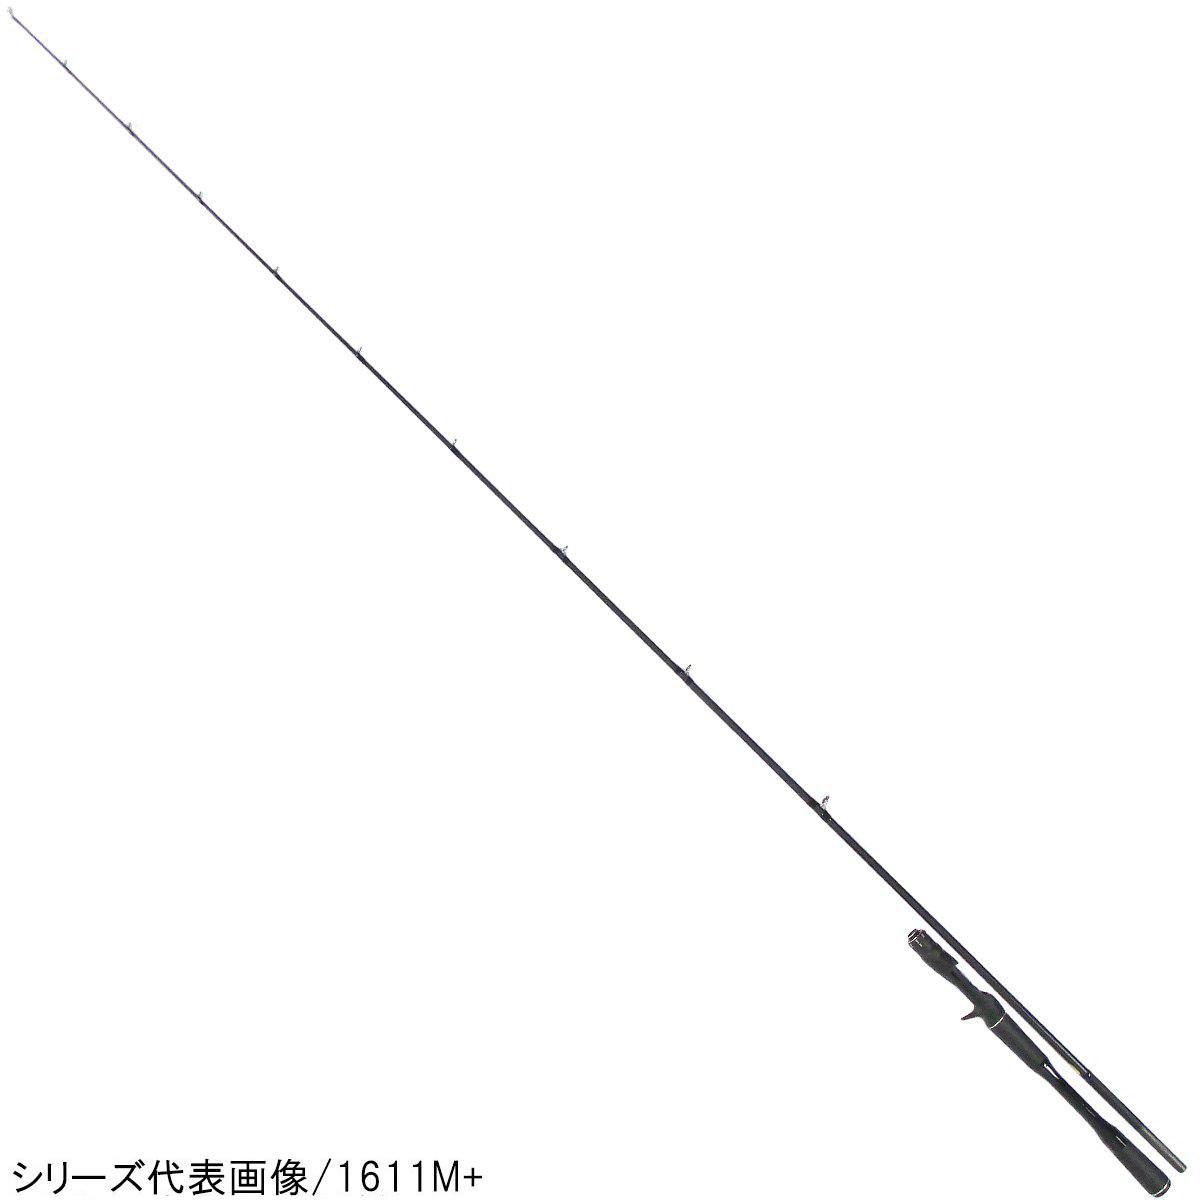 シマノ ポイズンアドレナ(ベイト) 172M【大型商品】(東日本店)